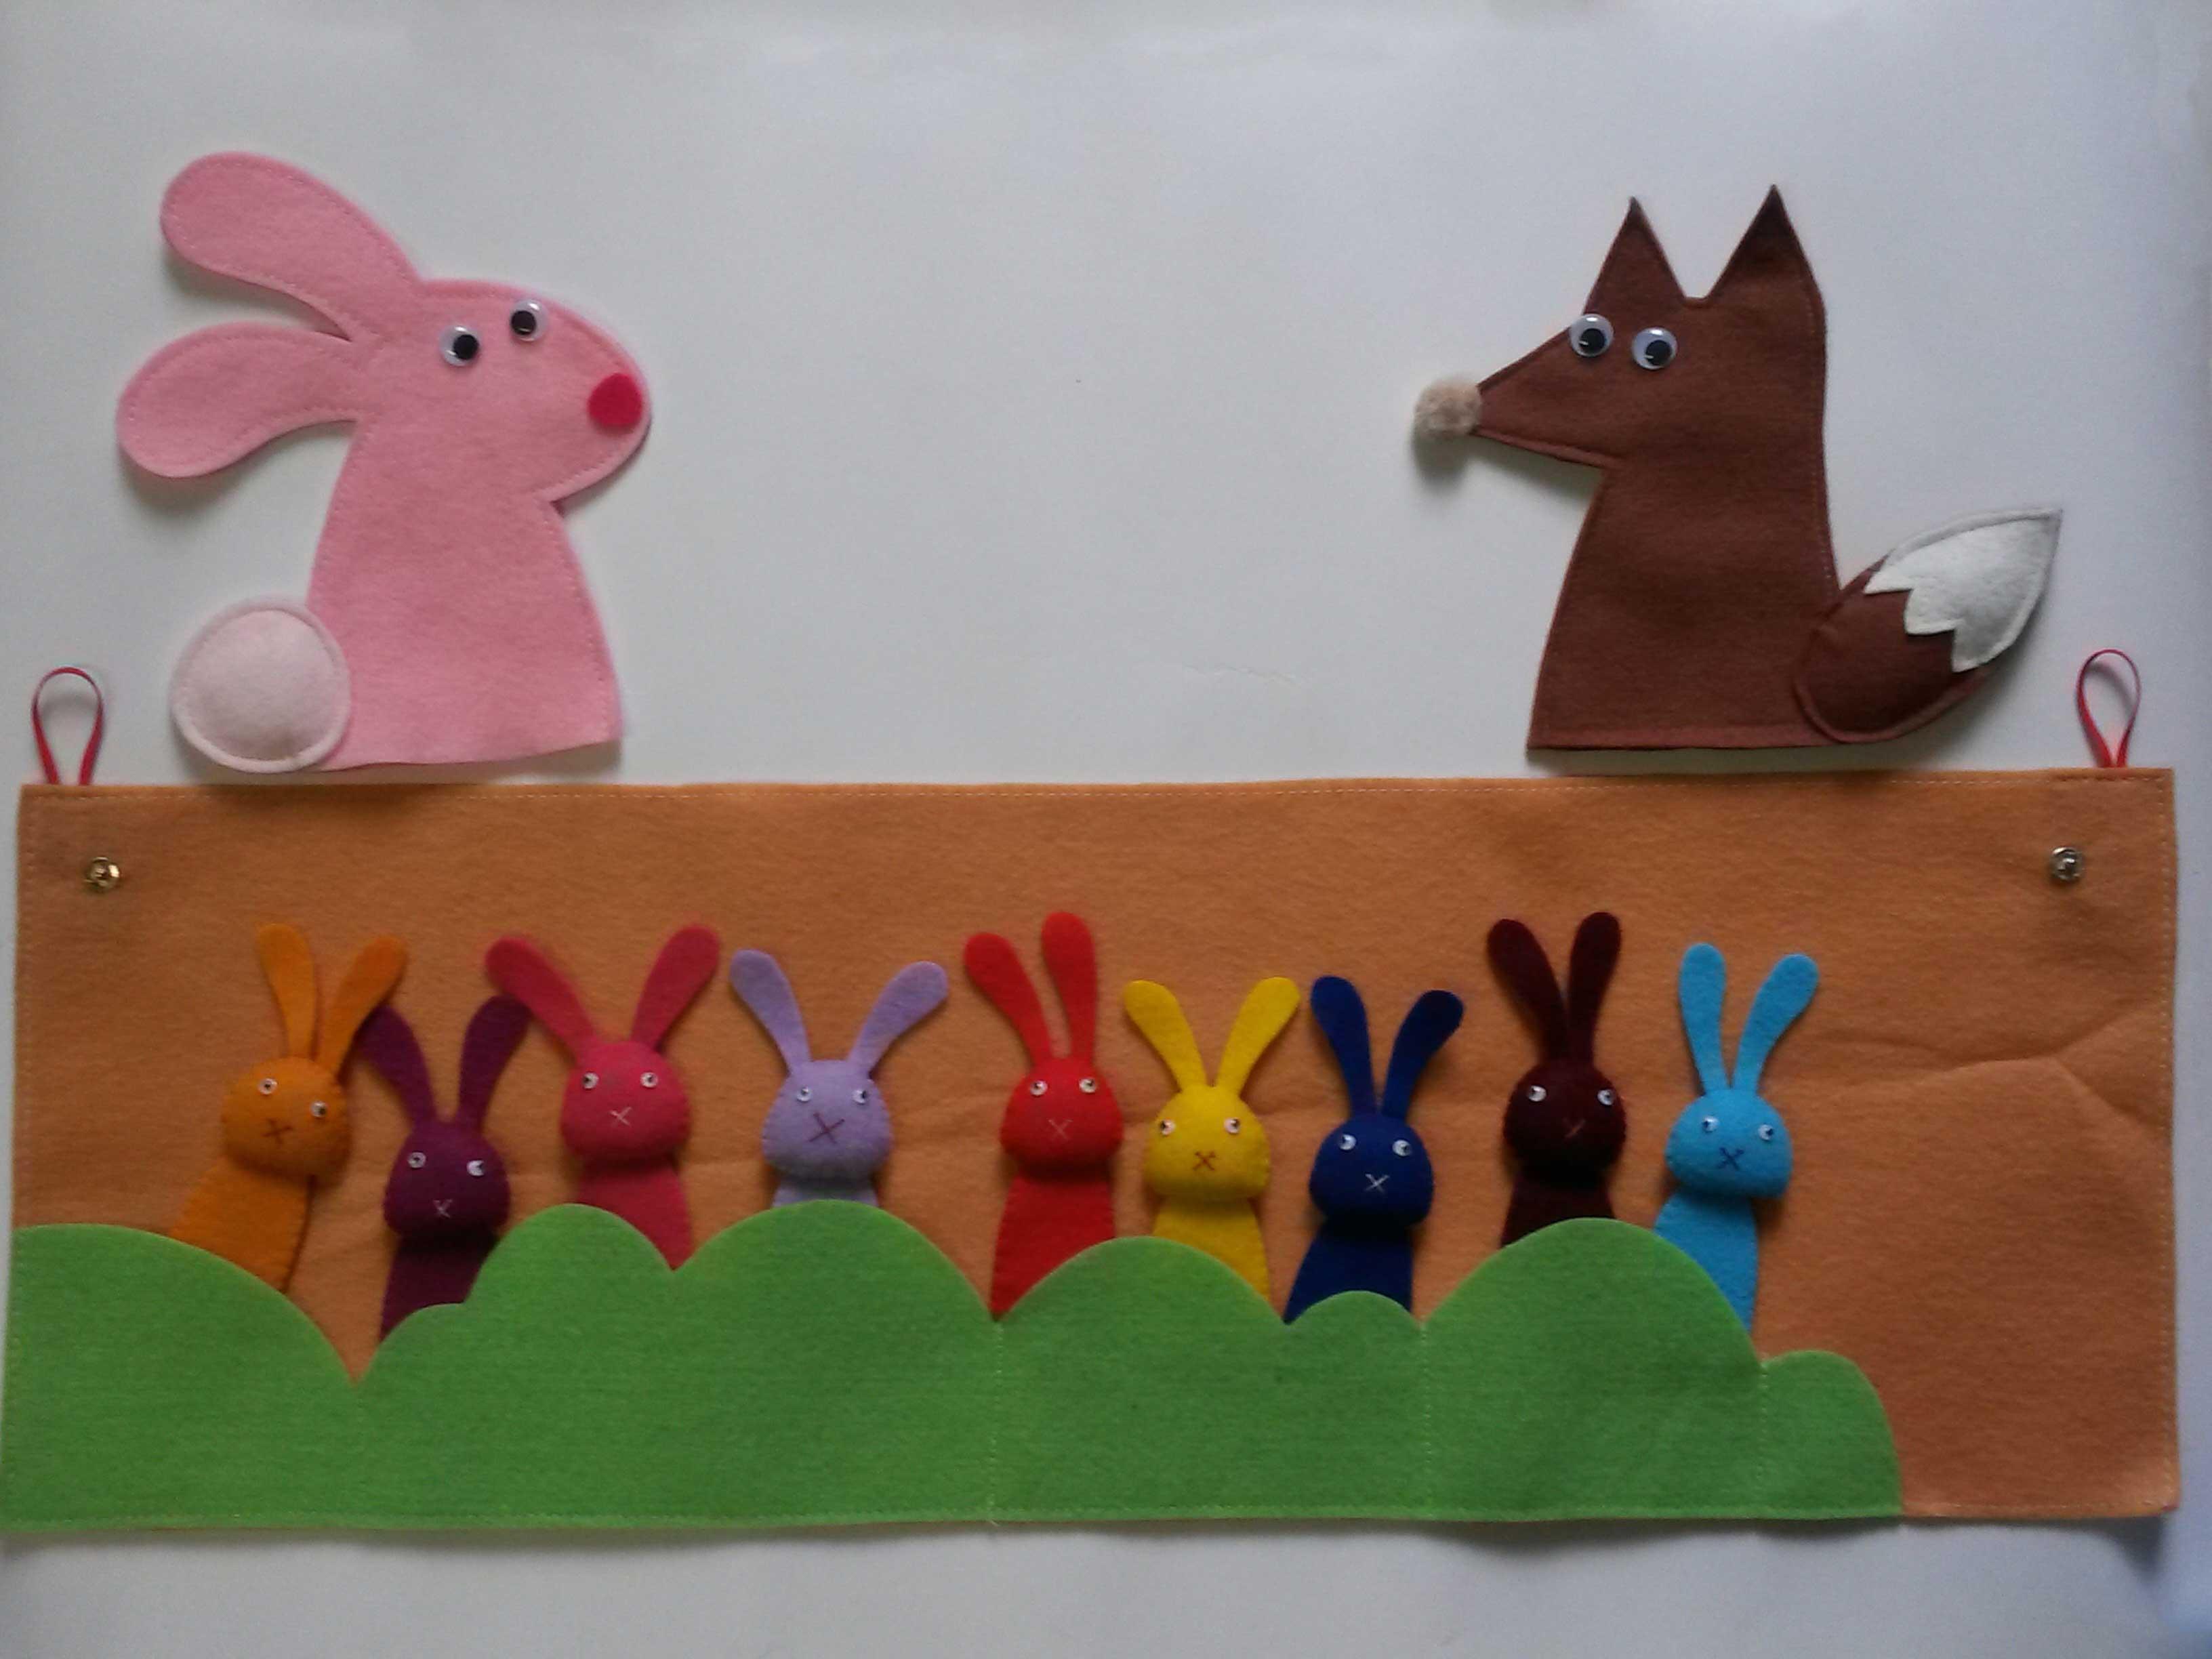 عروسک های انگشتی کتاب «چه و چه و چه یک بچه!»